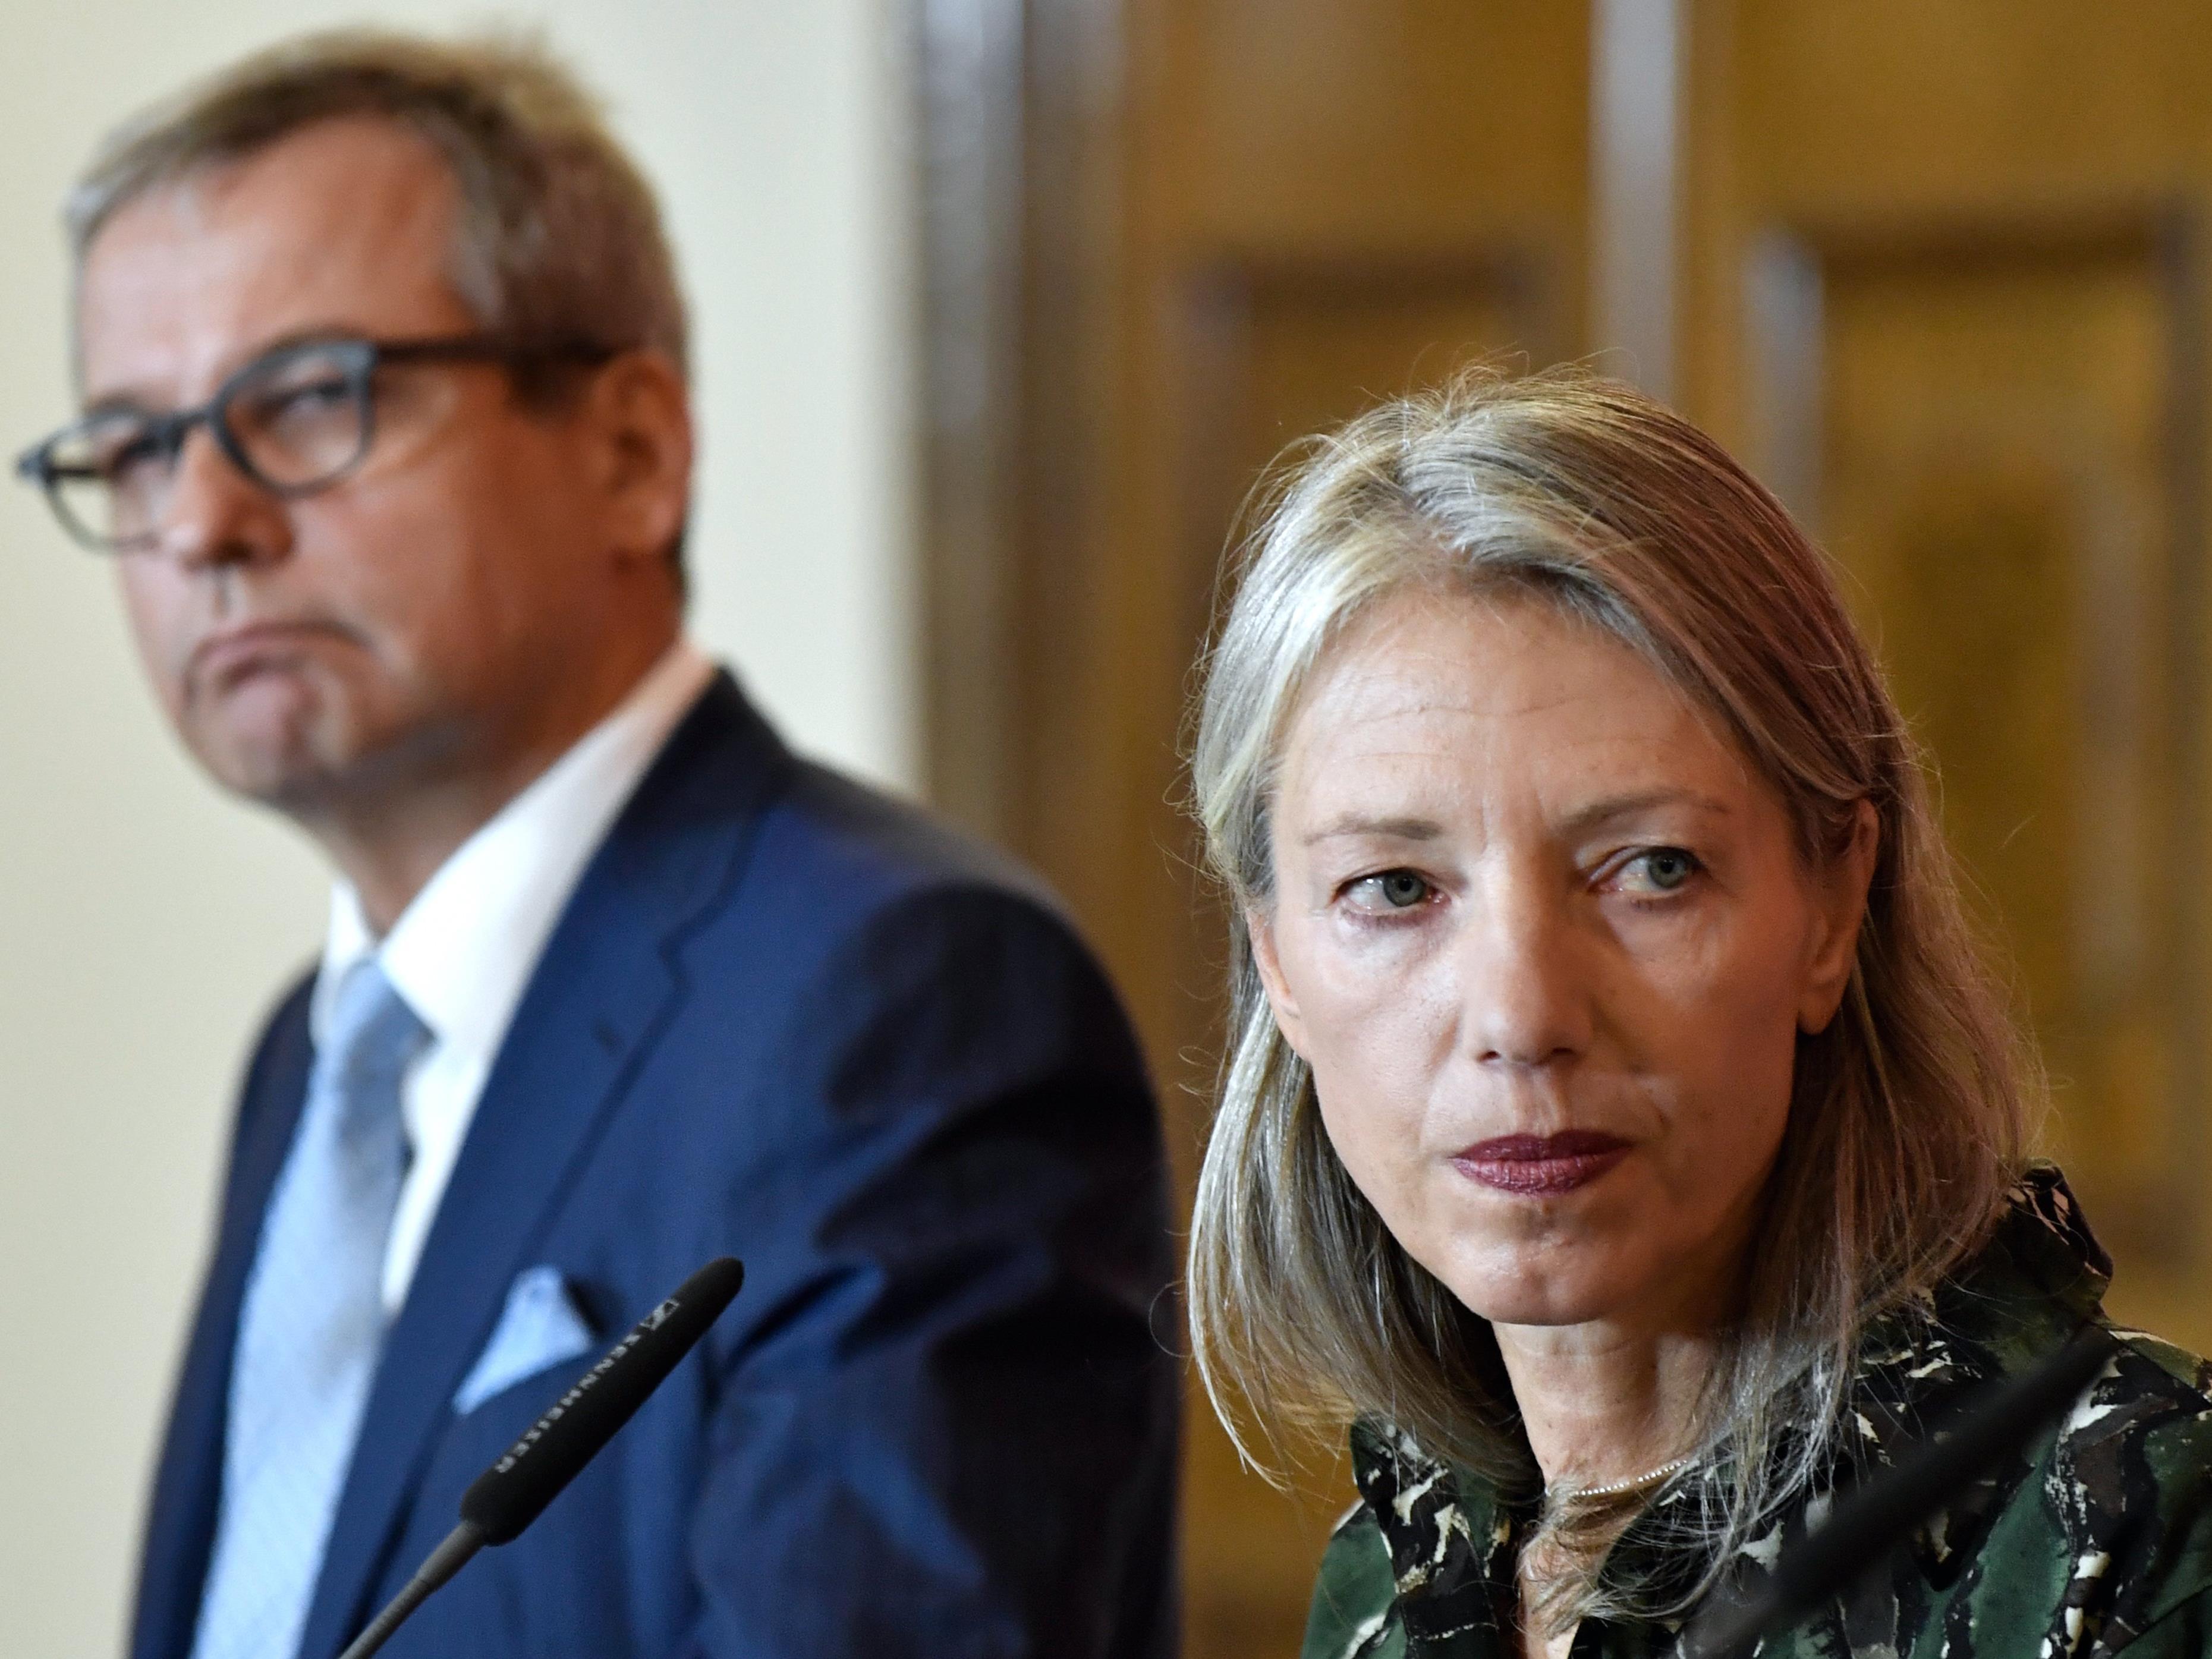 Wolfgang Bergmann und Stella Rollig, die neuen Chefs des Wiener Belvedere.